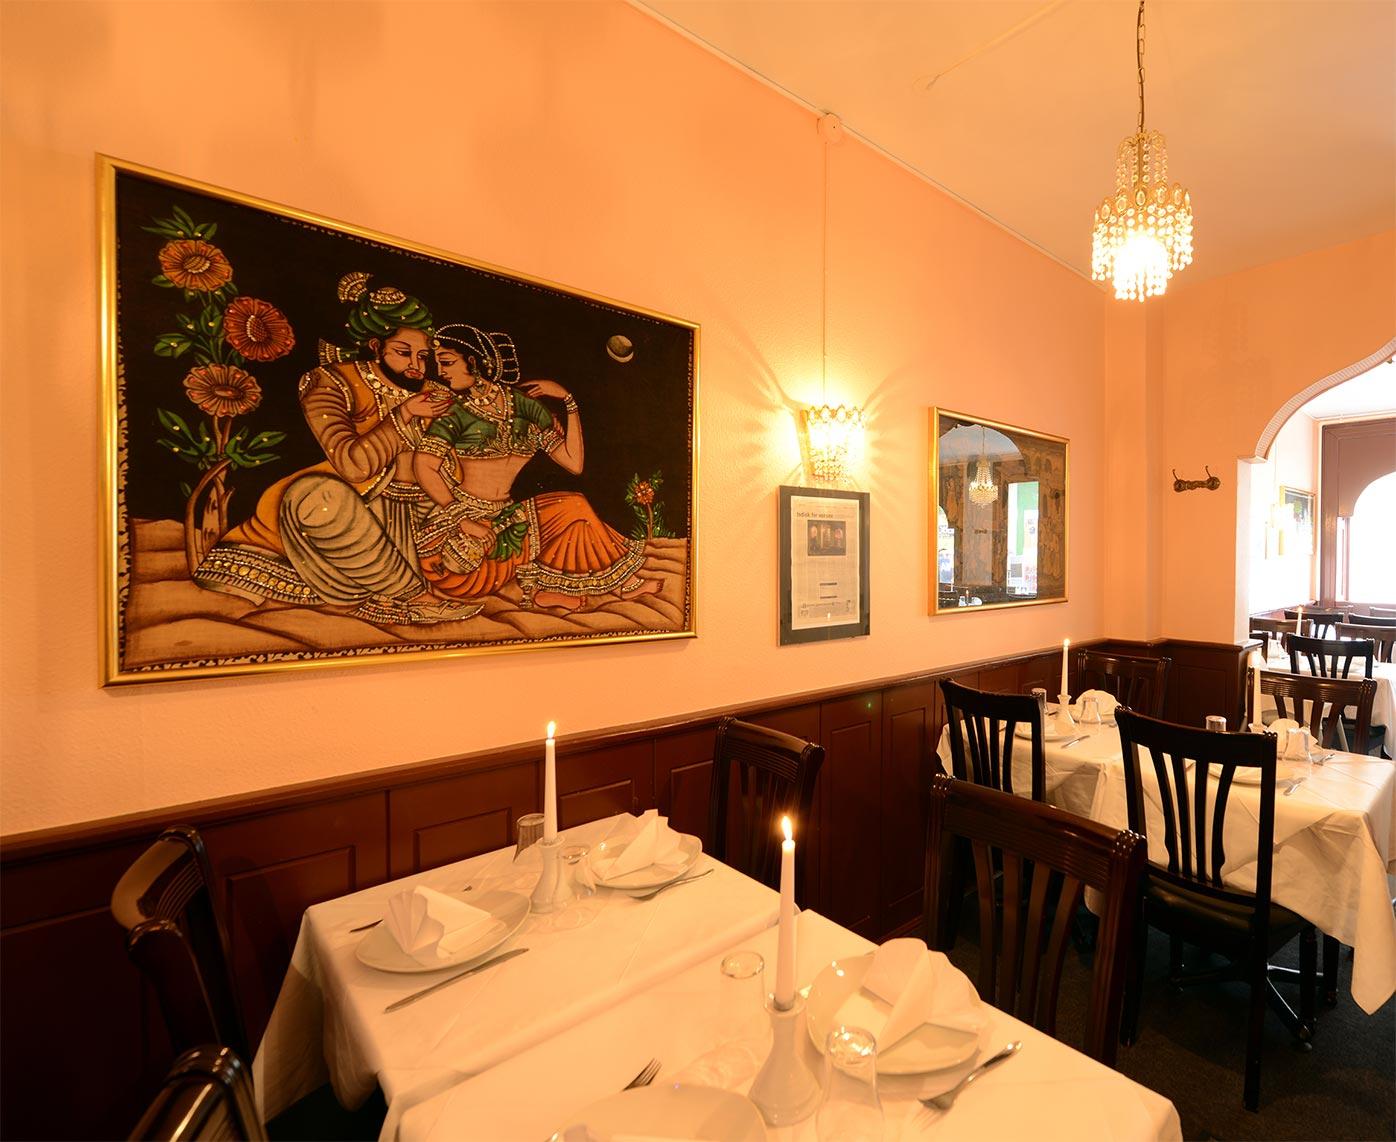 Besøg vores indiske restaurant på Vesterbro og nyd lækker indisk mad